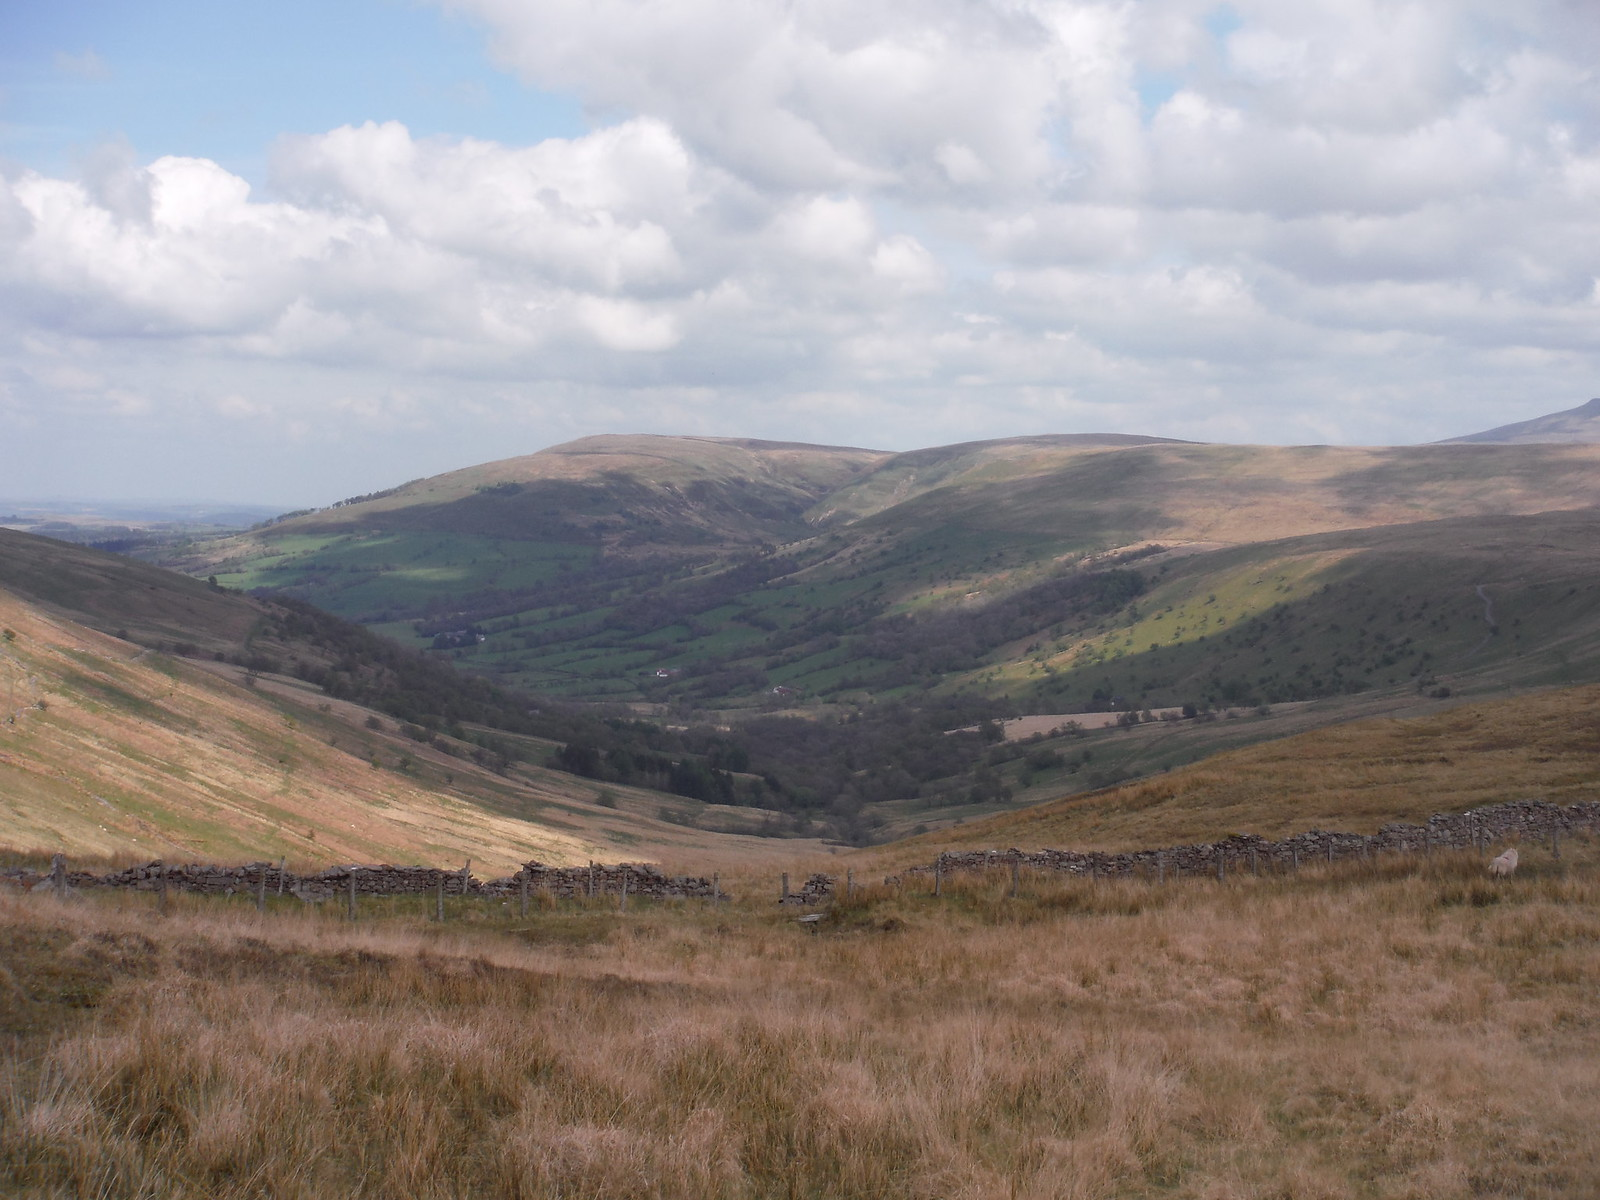 View from Bwlch y Duwynt SWC Walk 307 - Fforest Fawr Traverse (Craig y Nos to Llwyn-y-celyn)